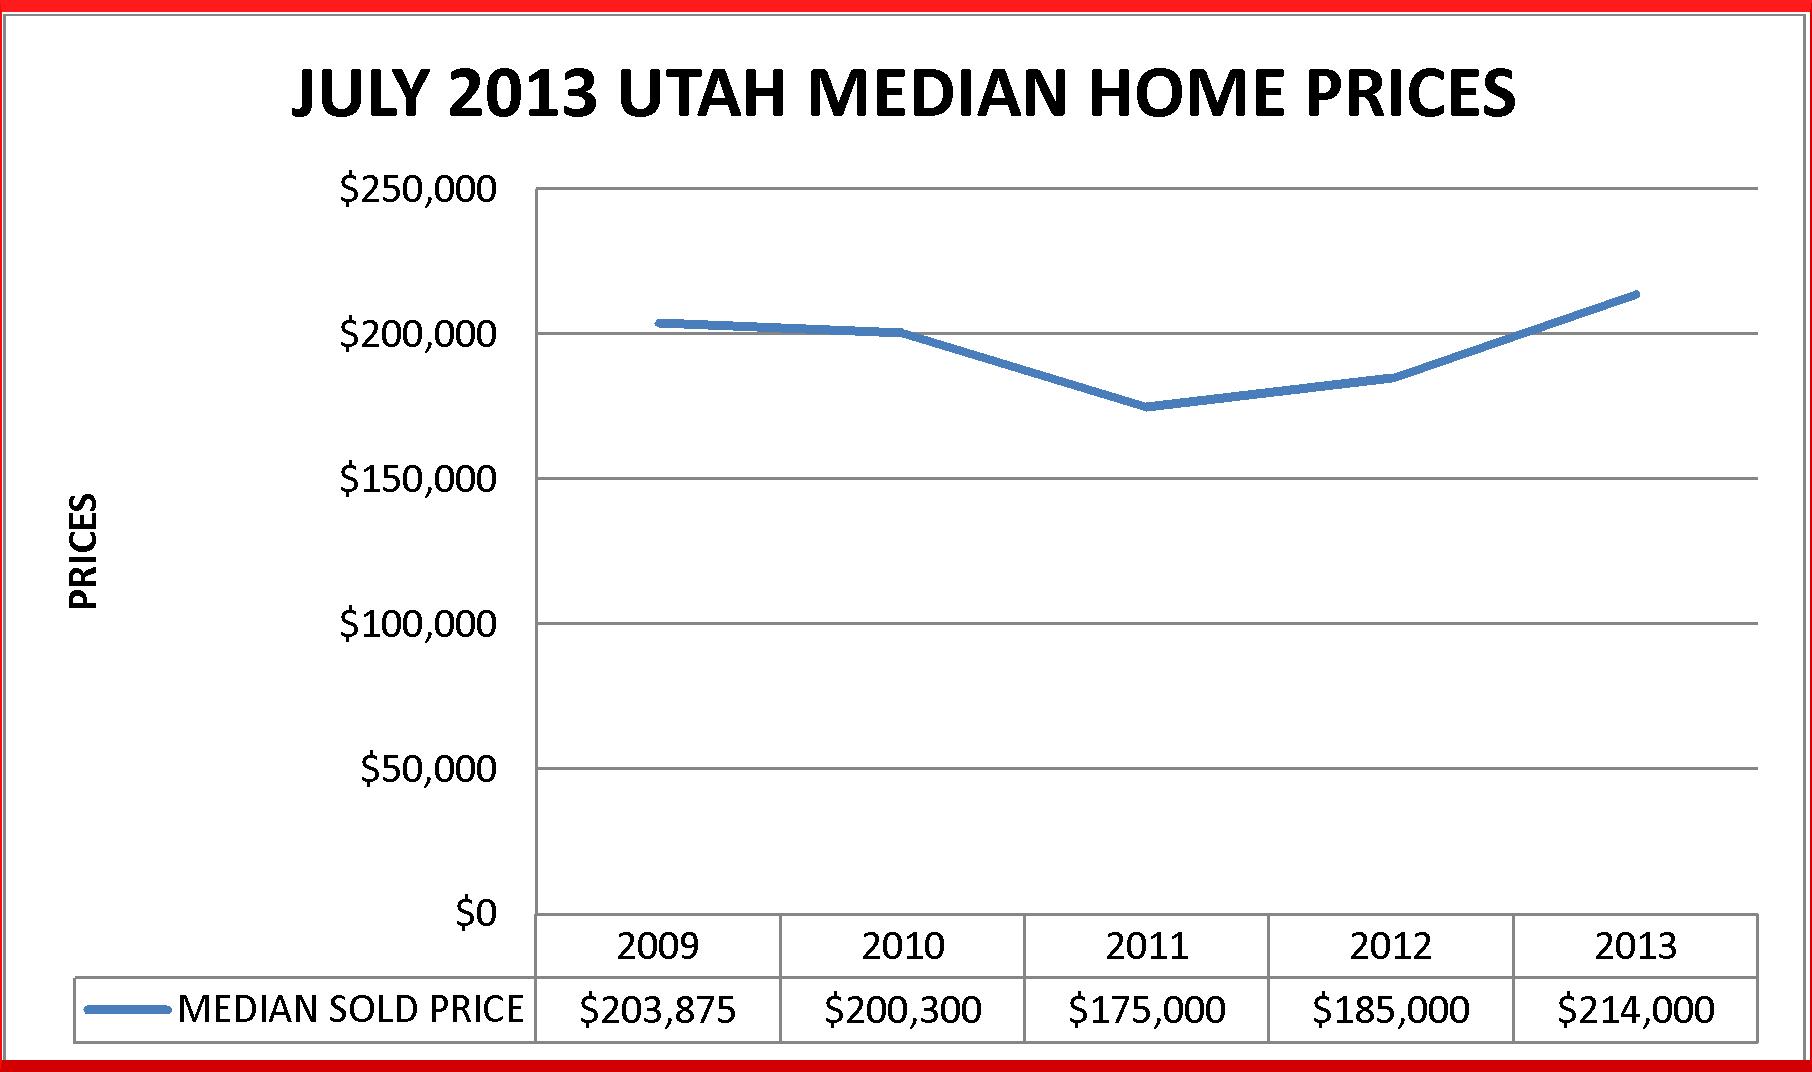 Table depicting Utah